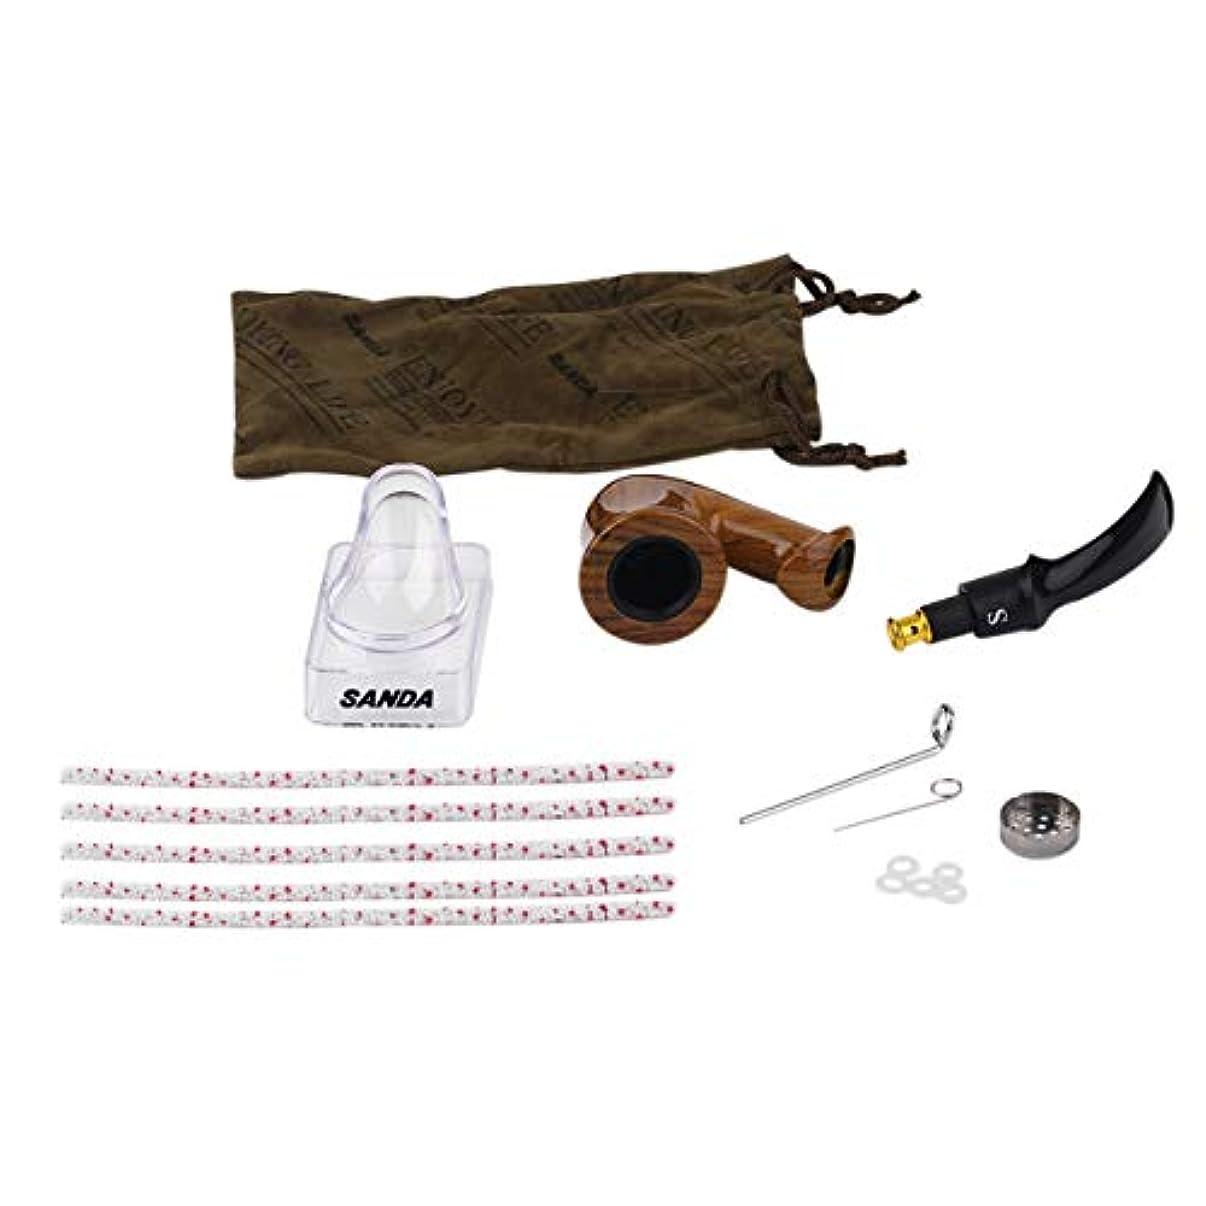 ペレット謎改革Saikogoods 耐久性のある喫煙パイプ木製パイプ煙喫煙木製の喫煙パイプの雑草パイプ男性のための最高の贈り物2色 褐色